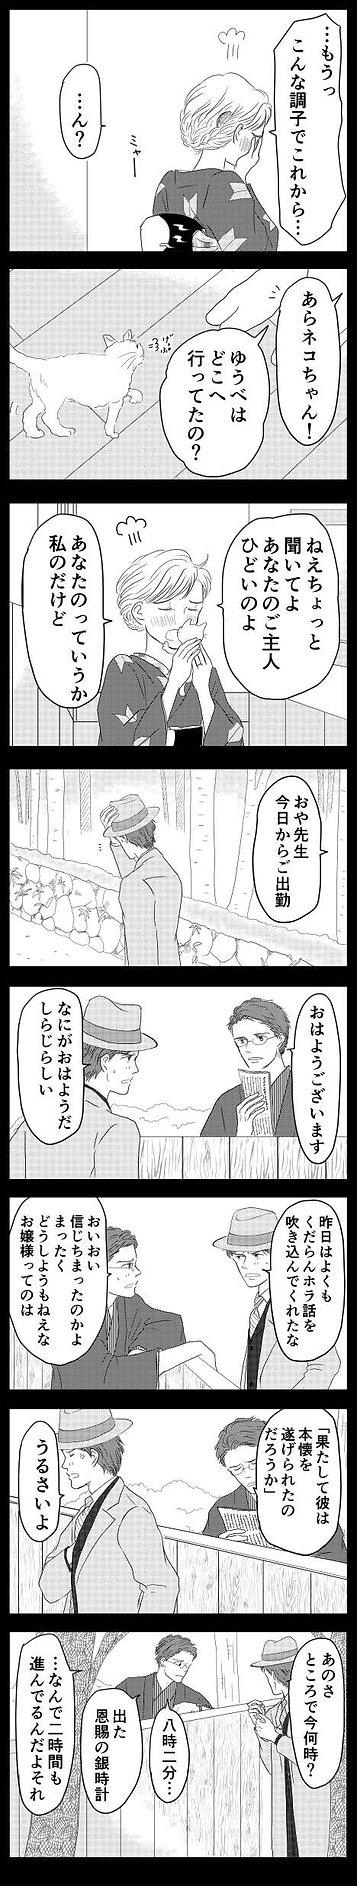 はじまりの日25.jpg